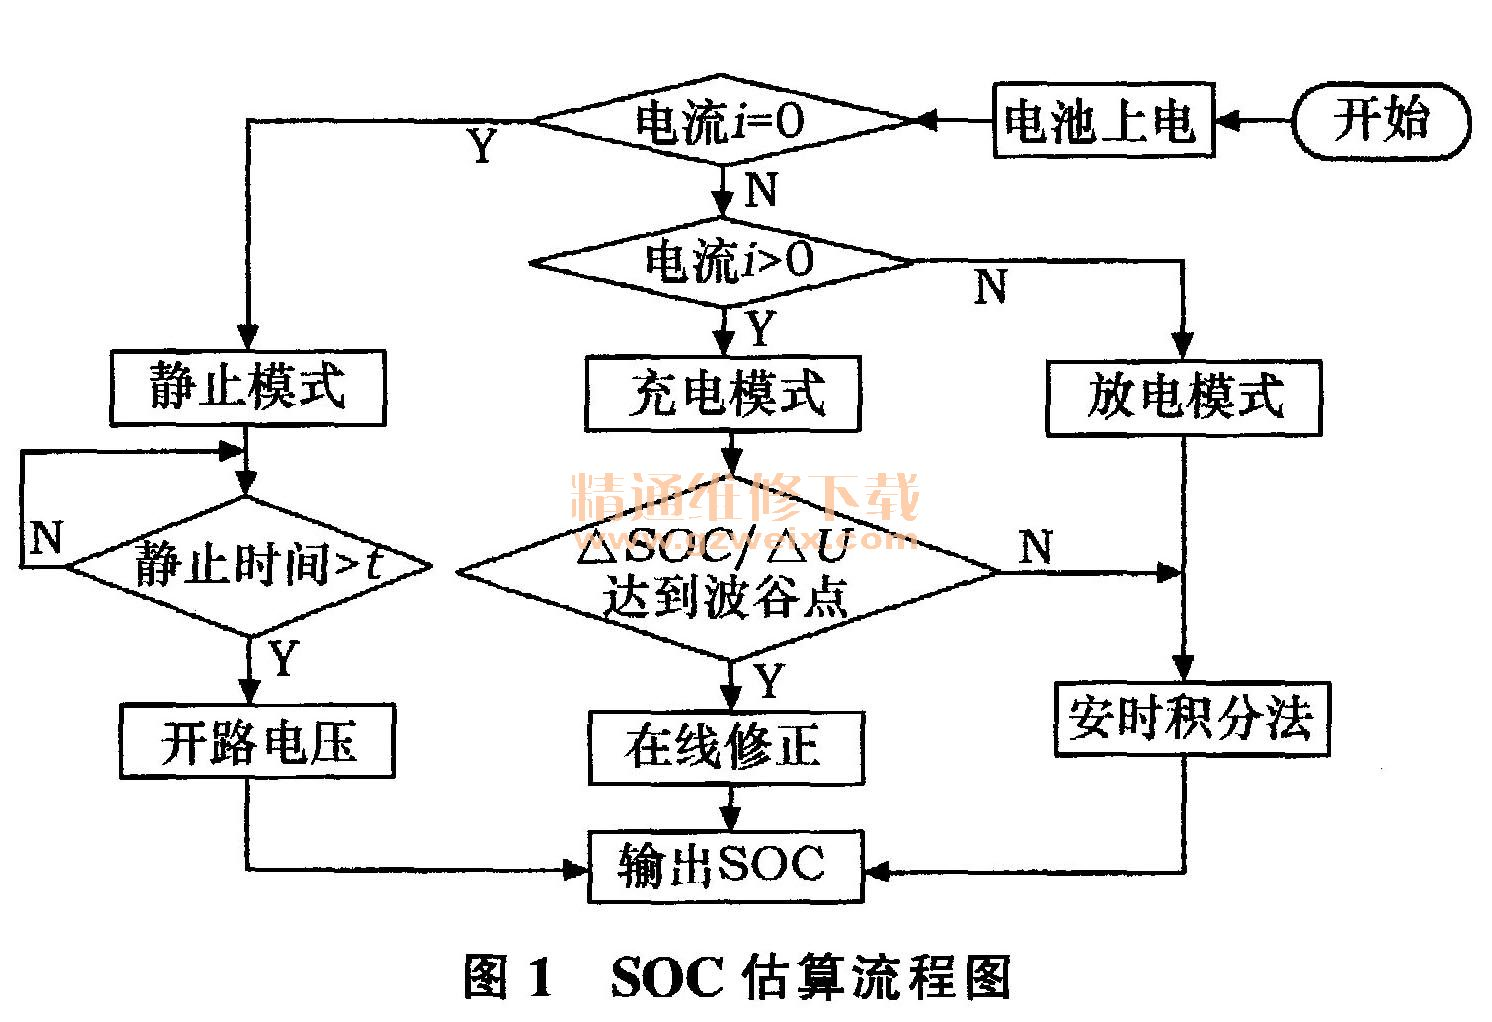 电动汽车用磷酸铁锂电池SOC估算方法